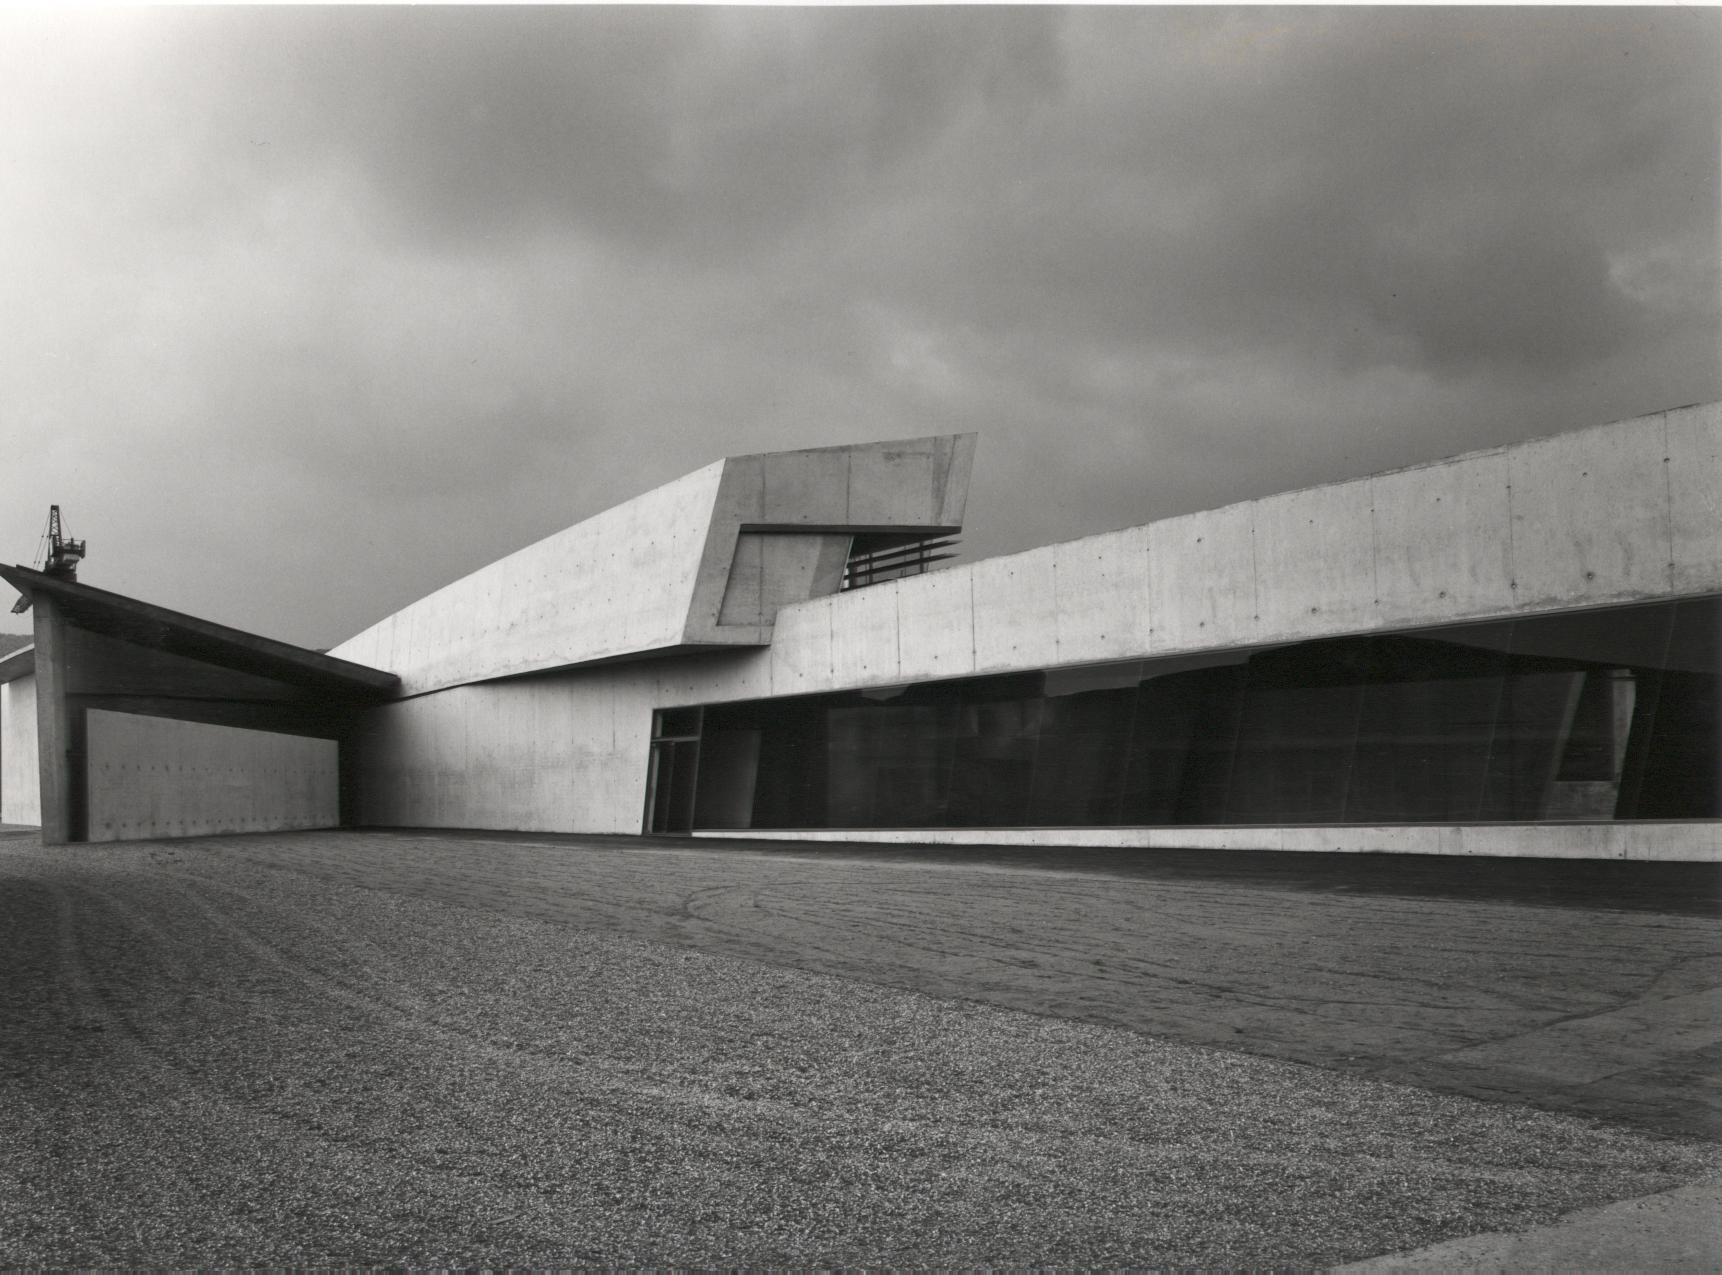 Zaha Hadid Buildings >> Gallery of AD Classics: Vitra Fire Station / Zaha Hadid - 11